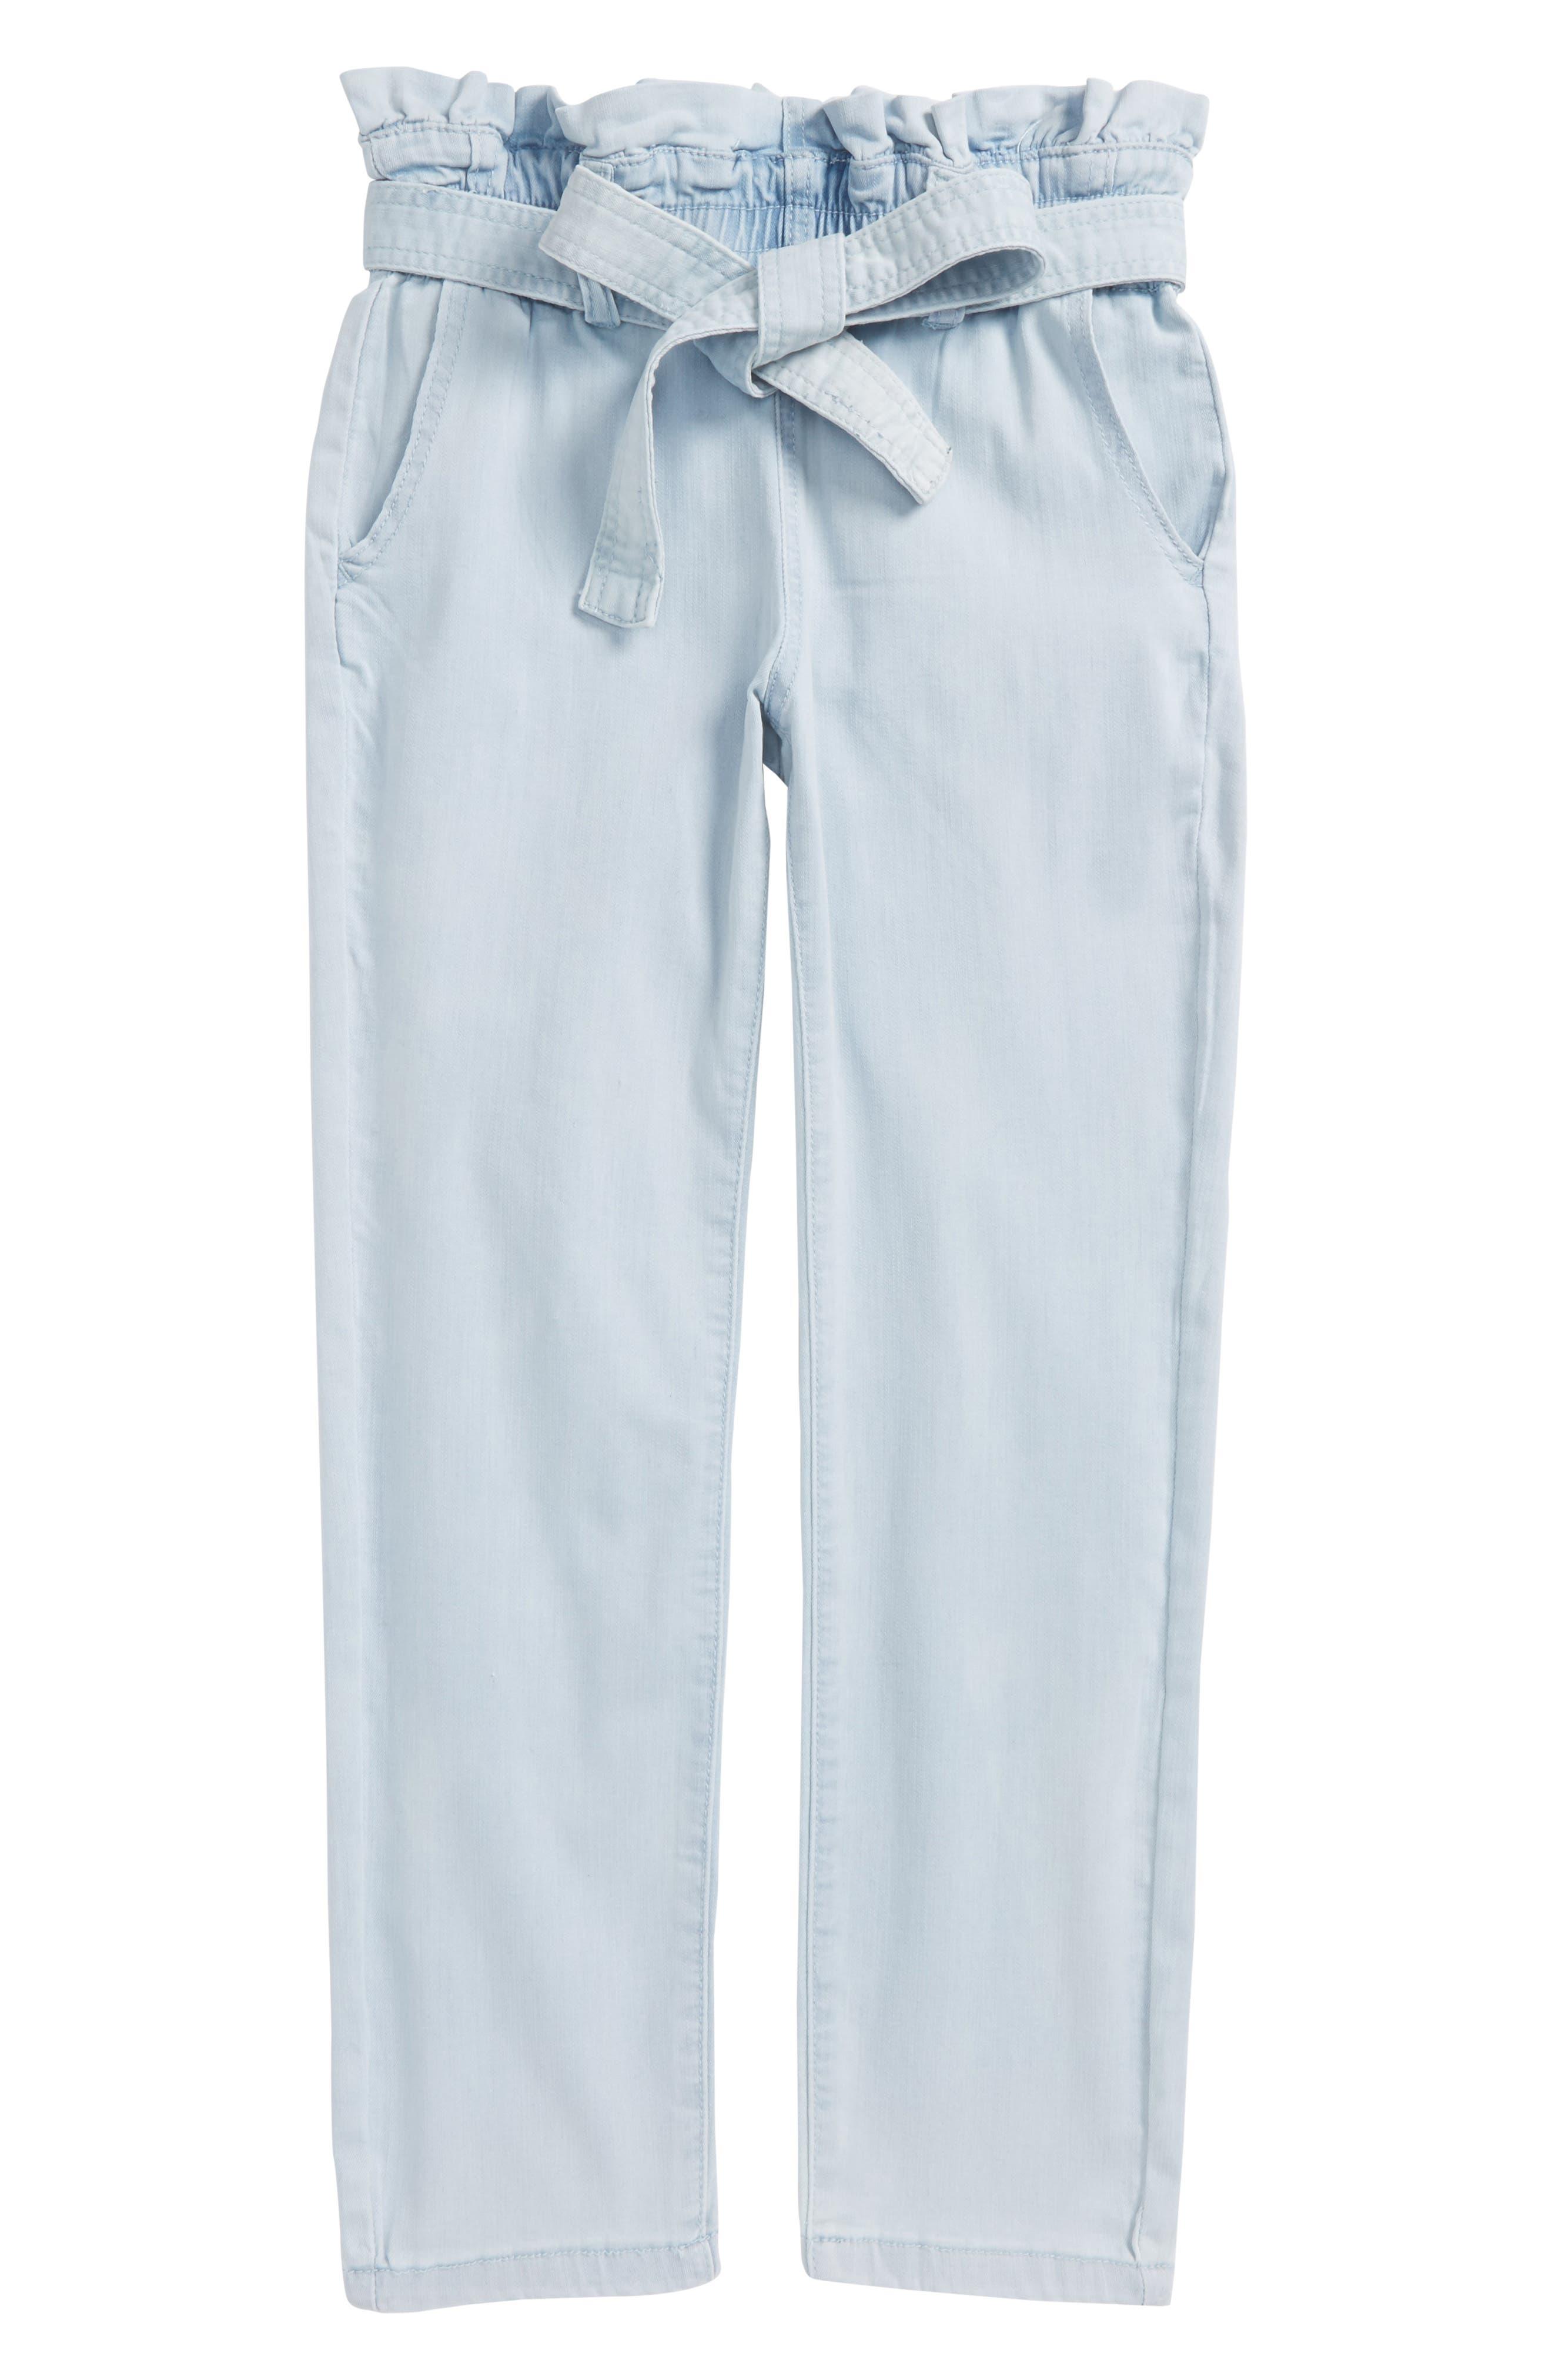 Paper Bag Crop Pants,                             Main thumbnail 1, color,                             Sun Bleached